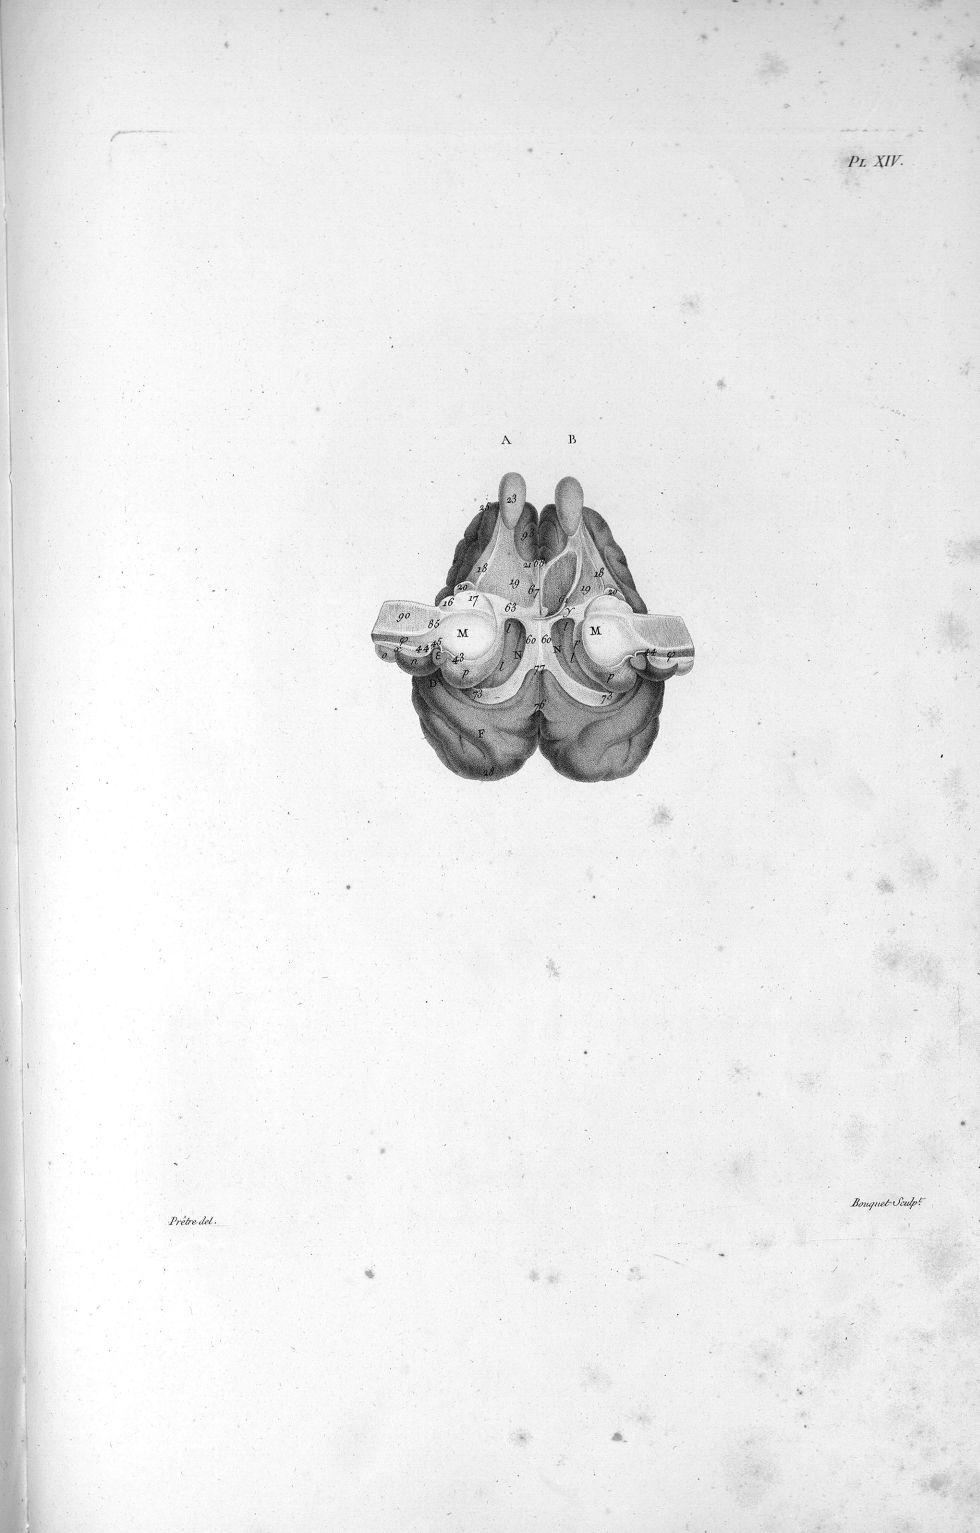 Pl. XIV. Cerveau de mouton posé sur sa face supérieure - Anatomie et physiologie du système nerveux  [...] - Anatomie. Neurologie. Cerveaux (têtes). Animal, animaux. 19e siècle (France) - med00575x01x0331